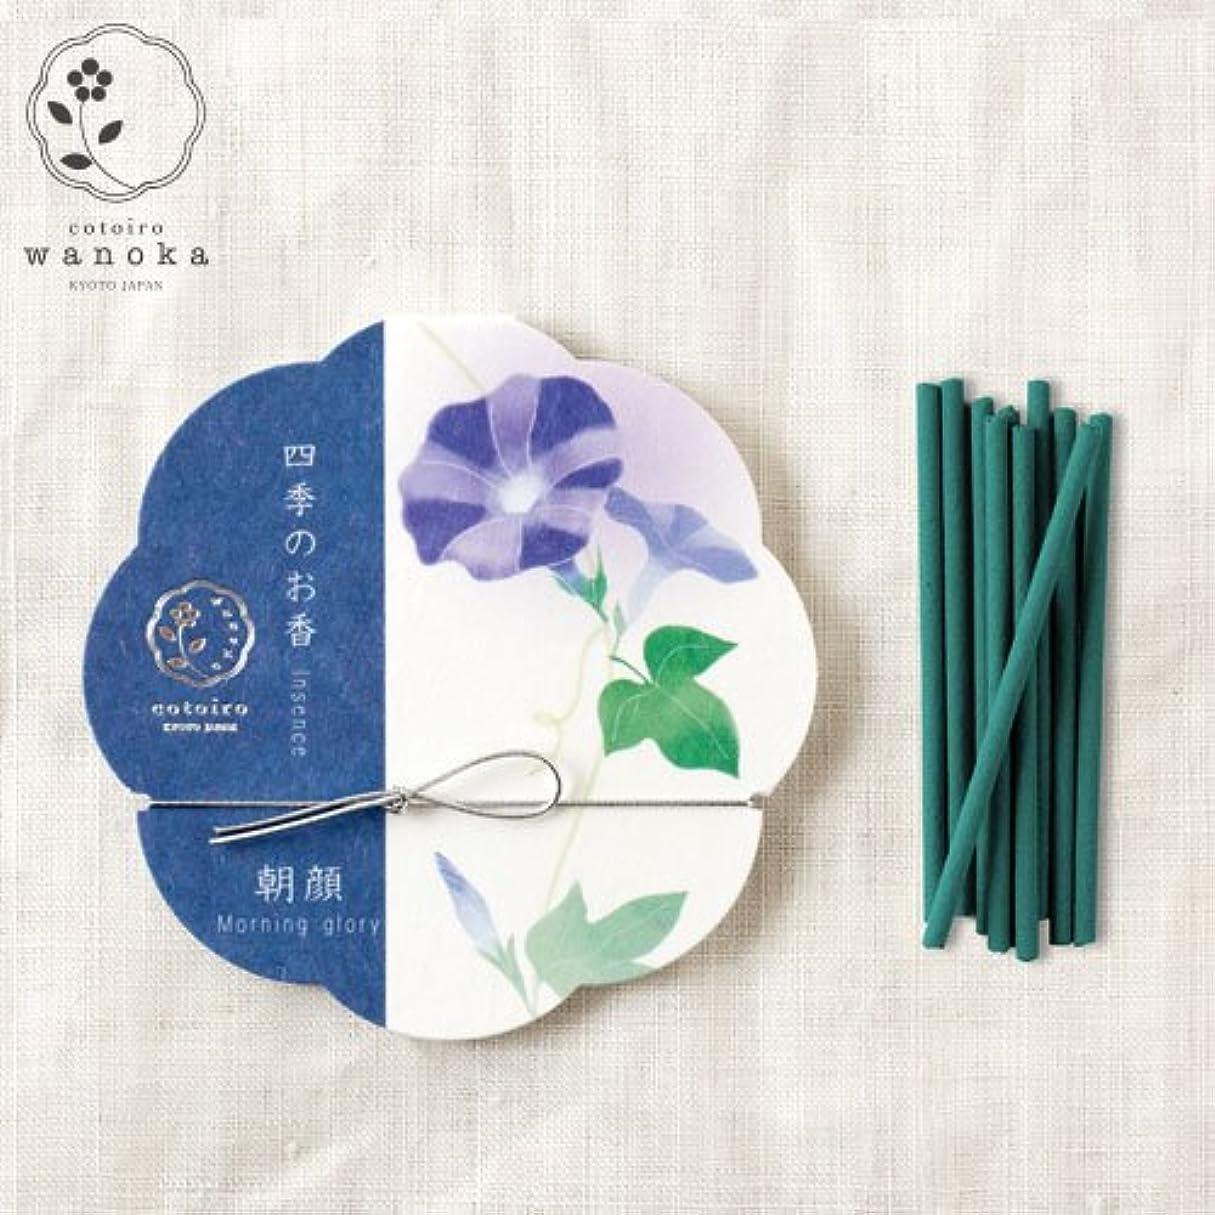 引き算マイナス洞察力のあるwanoka四季のお香(インセンス)朝顔《涼しげな朝顔をイメージした香り》ART LABIncense stick